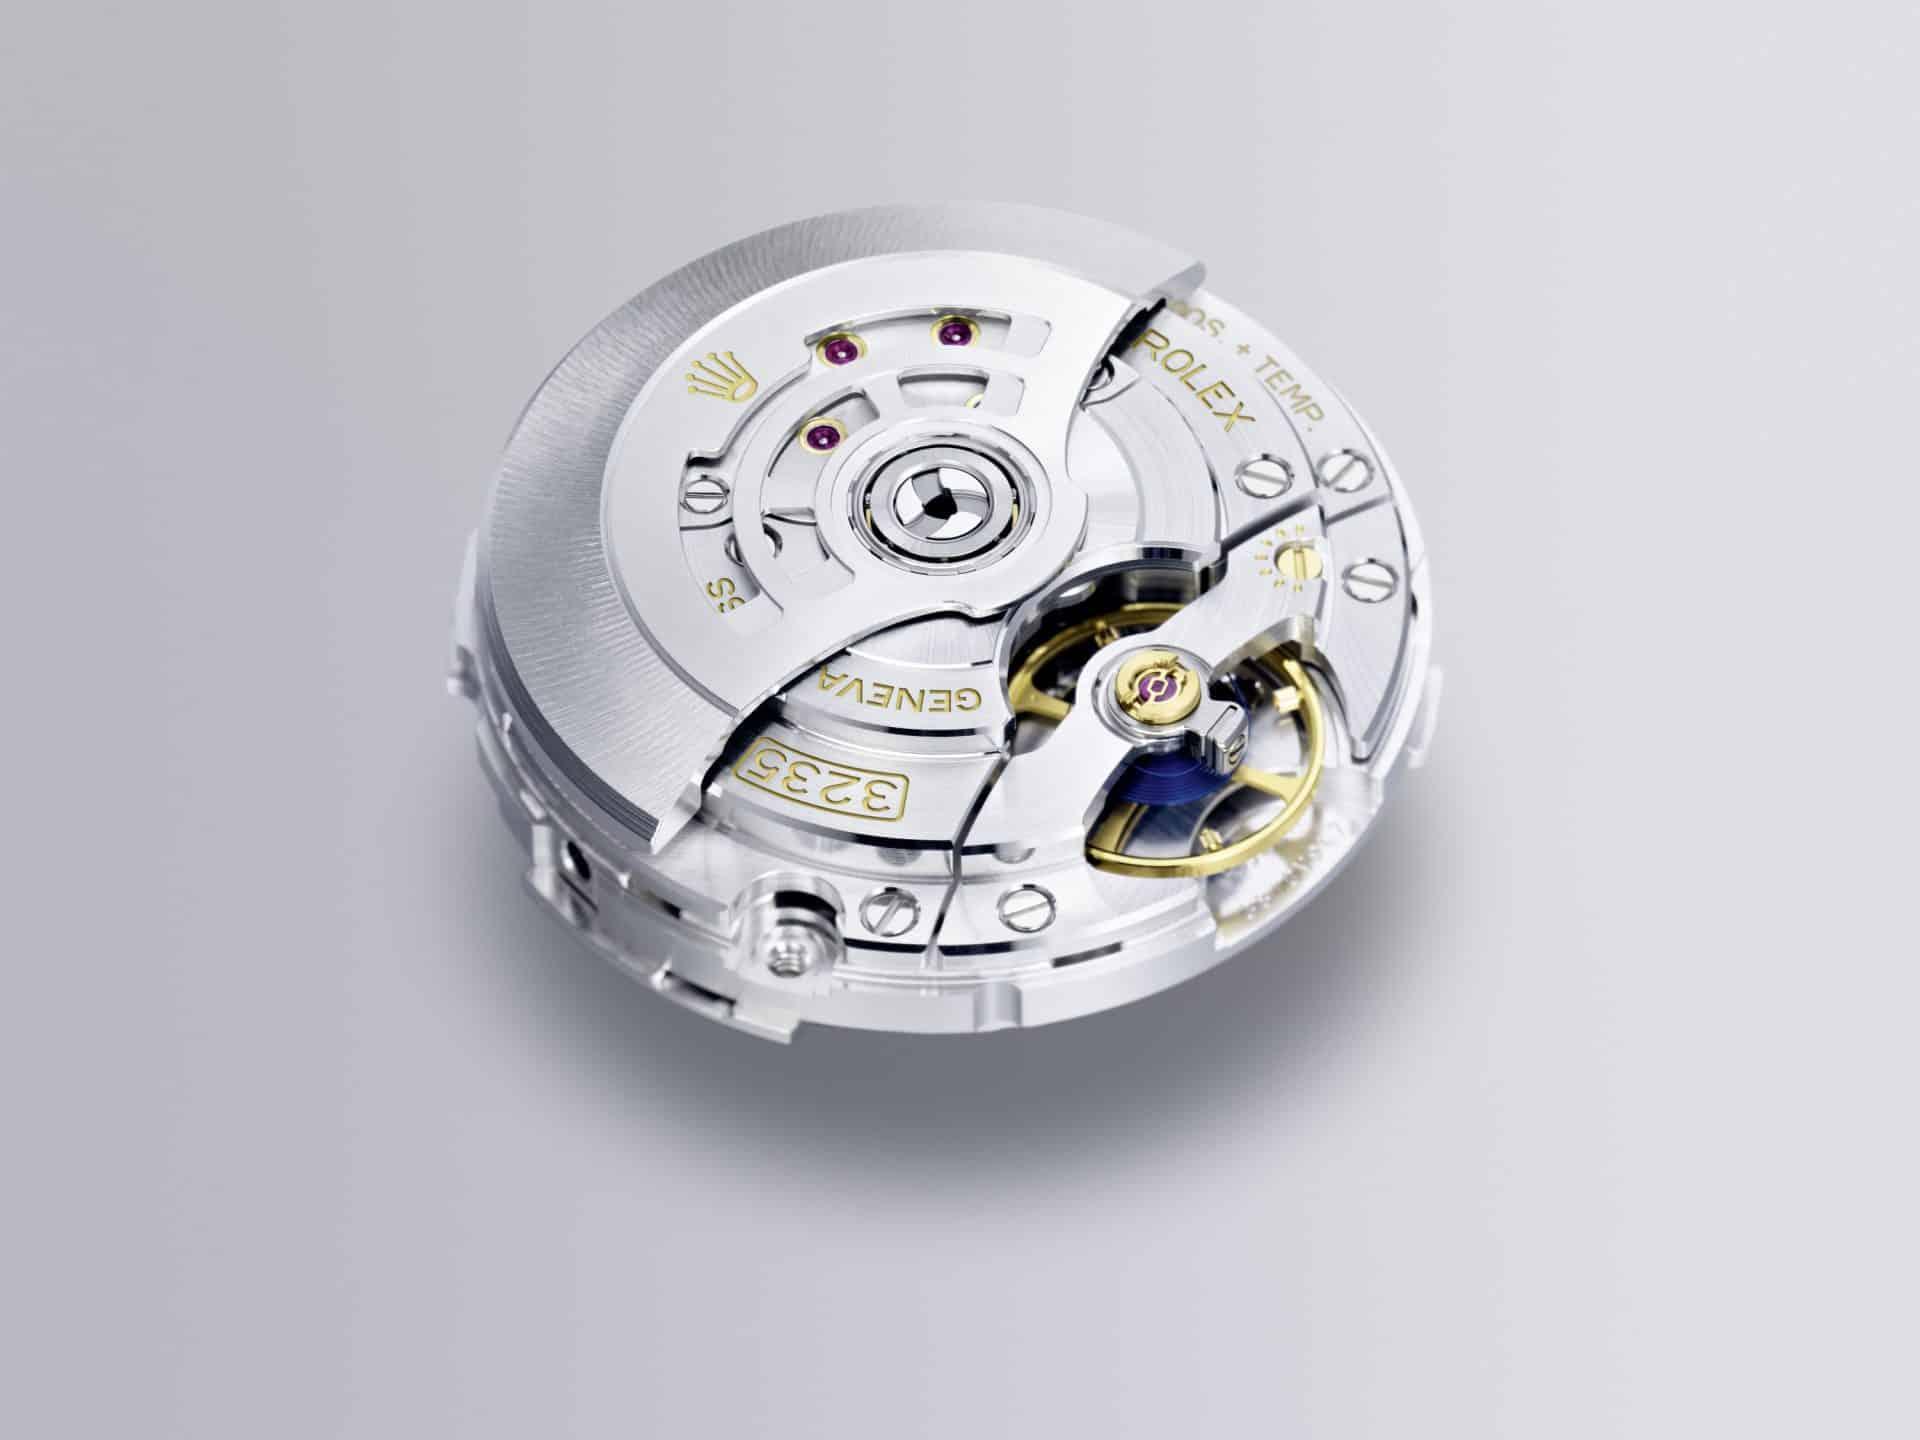 Rolex Kaliber 3235 Rückseite